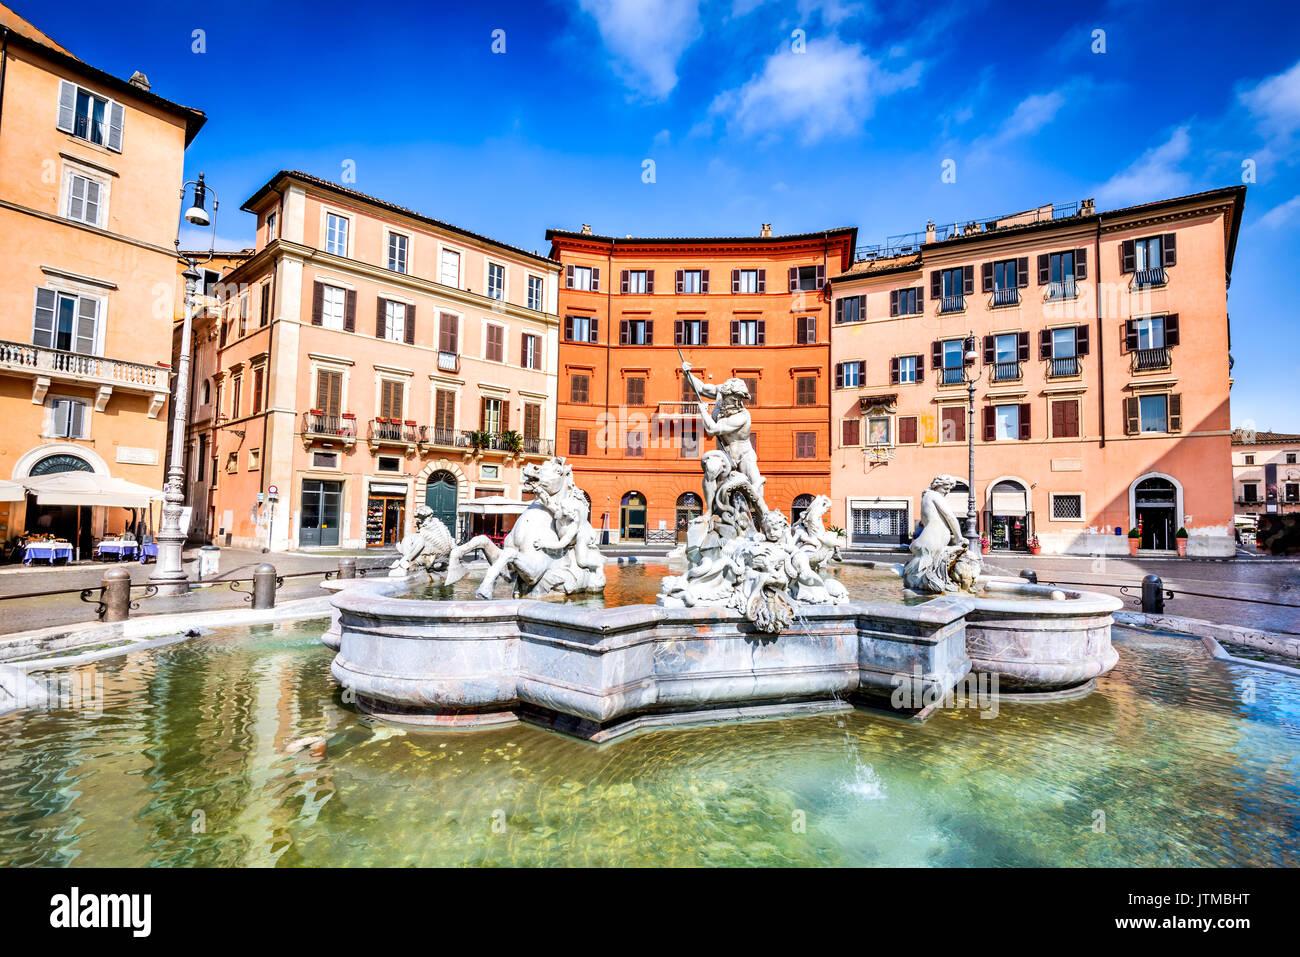 Rom, Italien, Piazza Navona und dem Neptunbrunnen von 1576 mit seinem Dreizack kämpfen. Stockbild